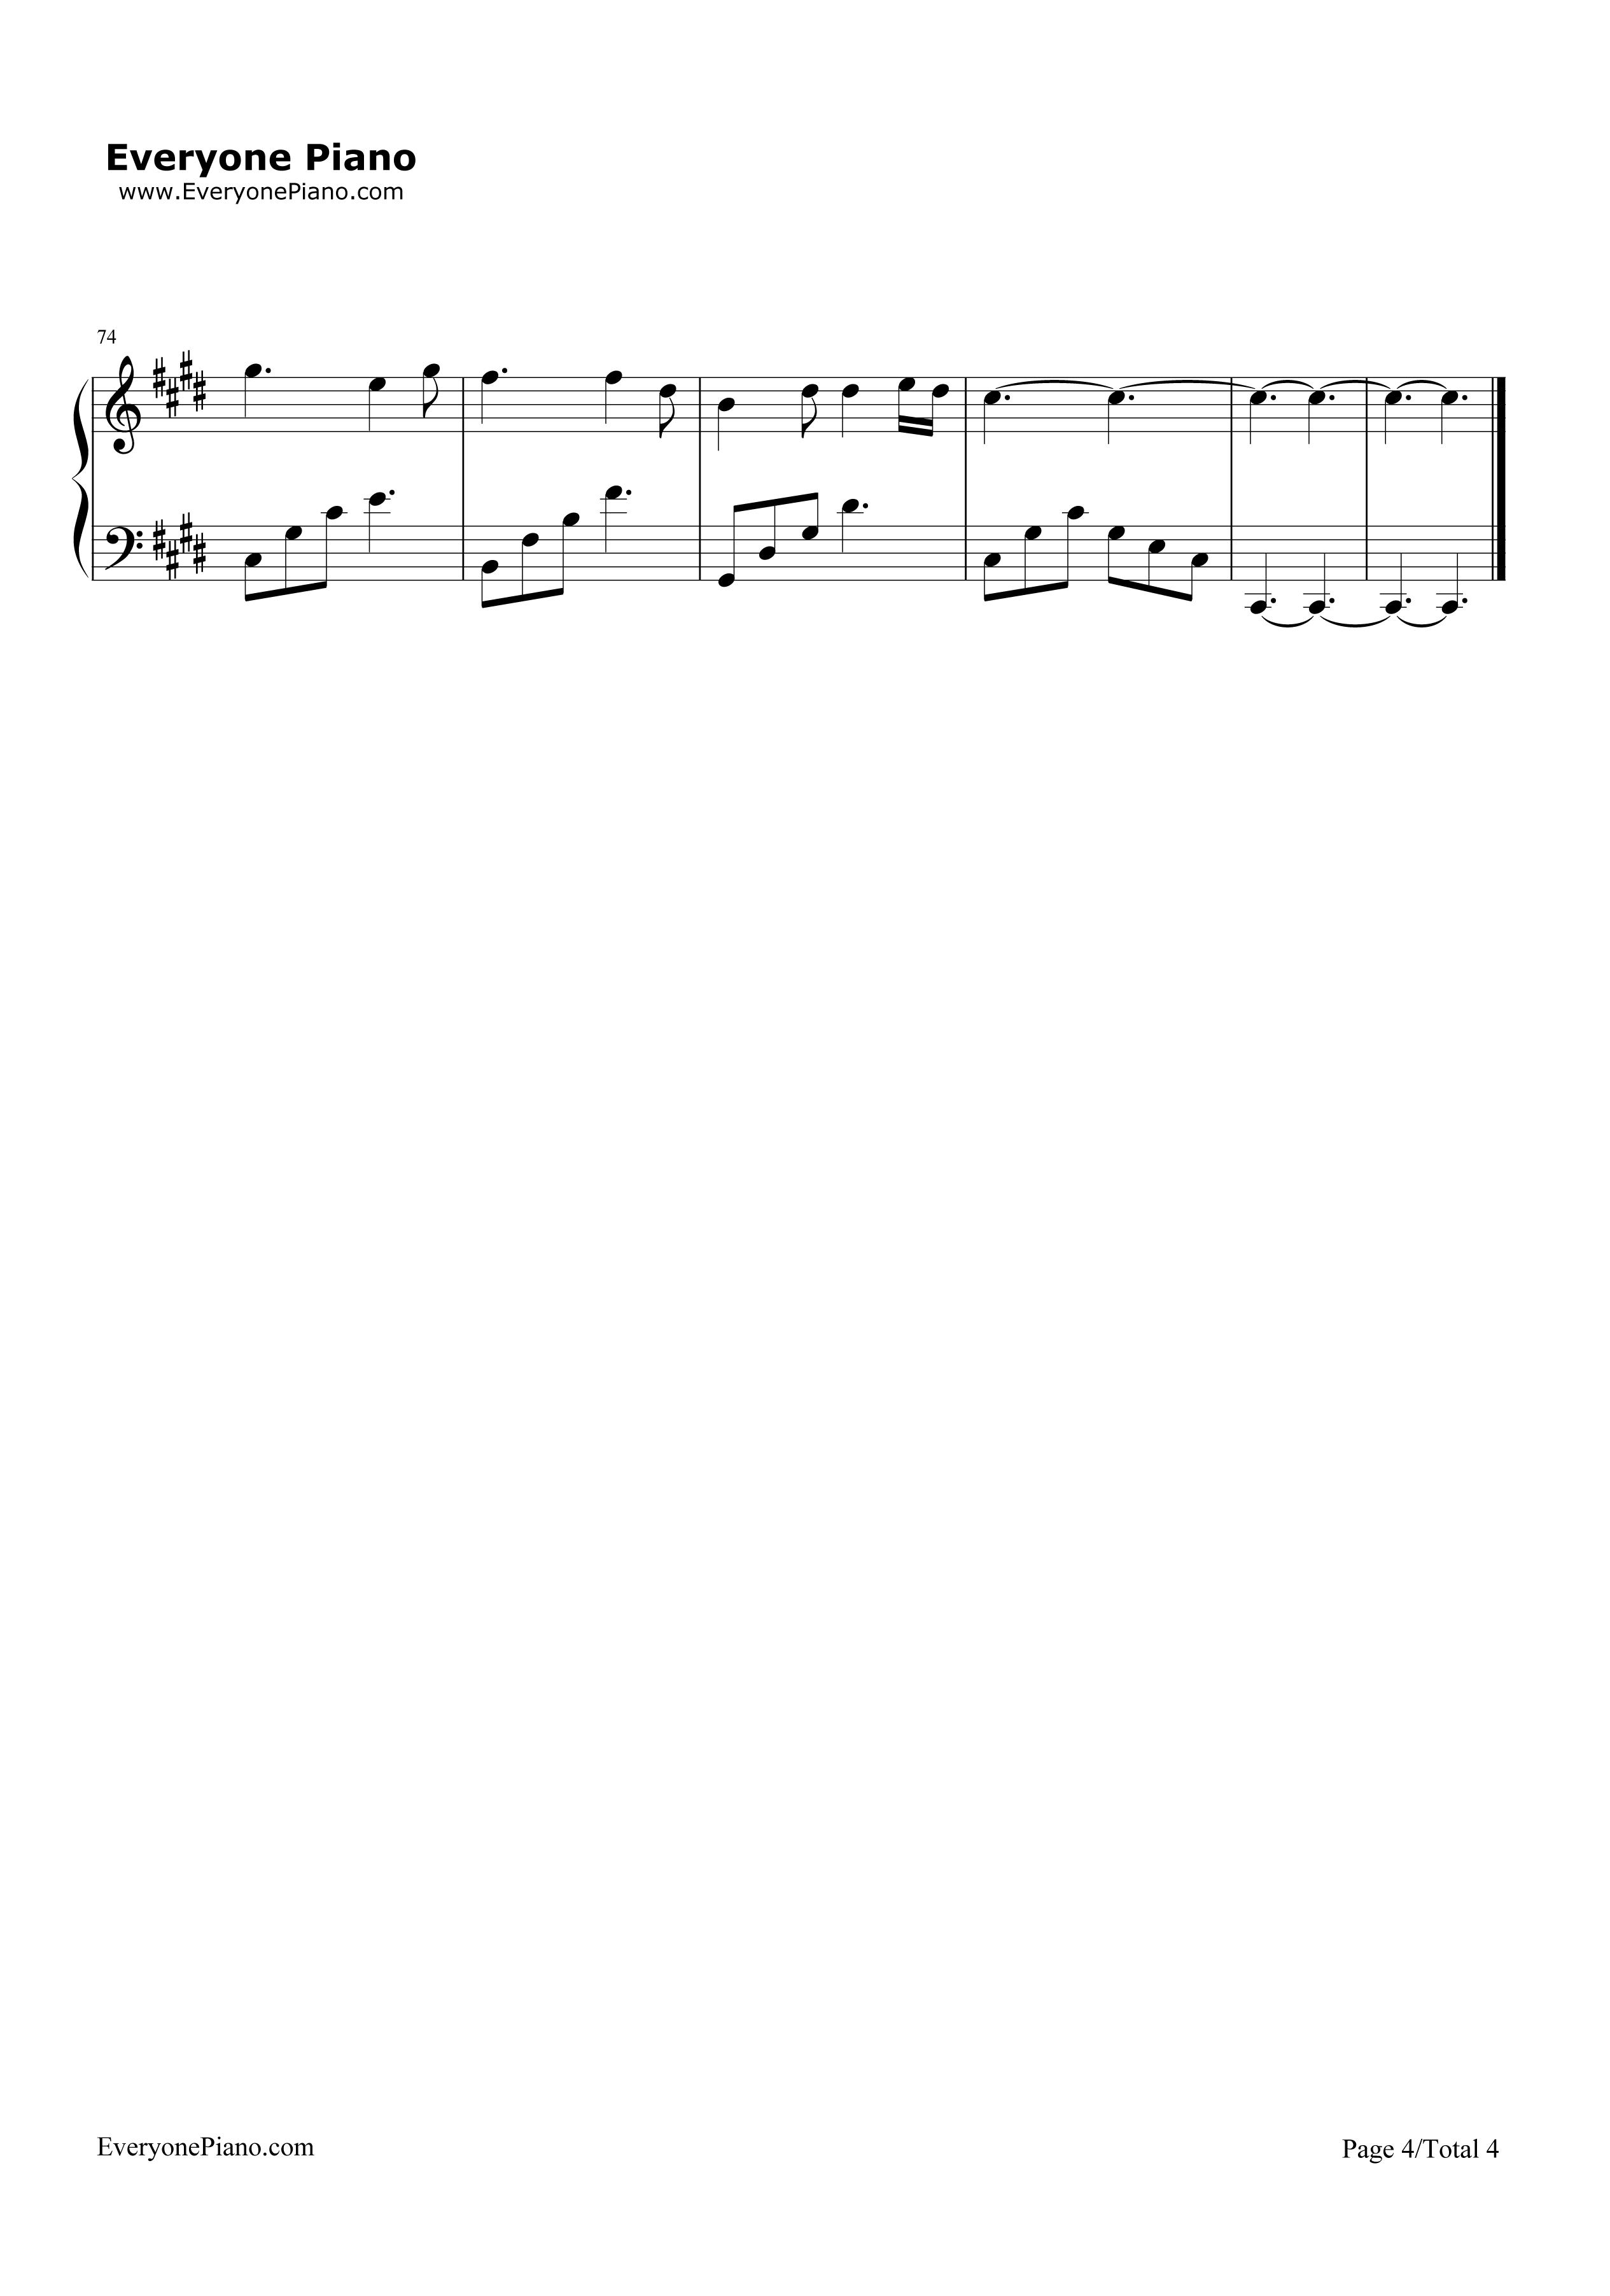 钢琴曲谱 流行 不可说-花千骨主题歌 不可说-花千骨主题歌五线谱预览4